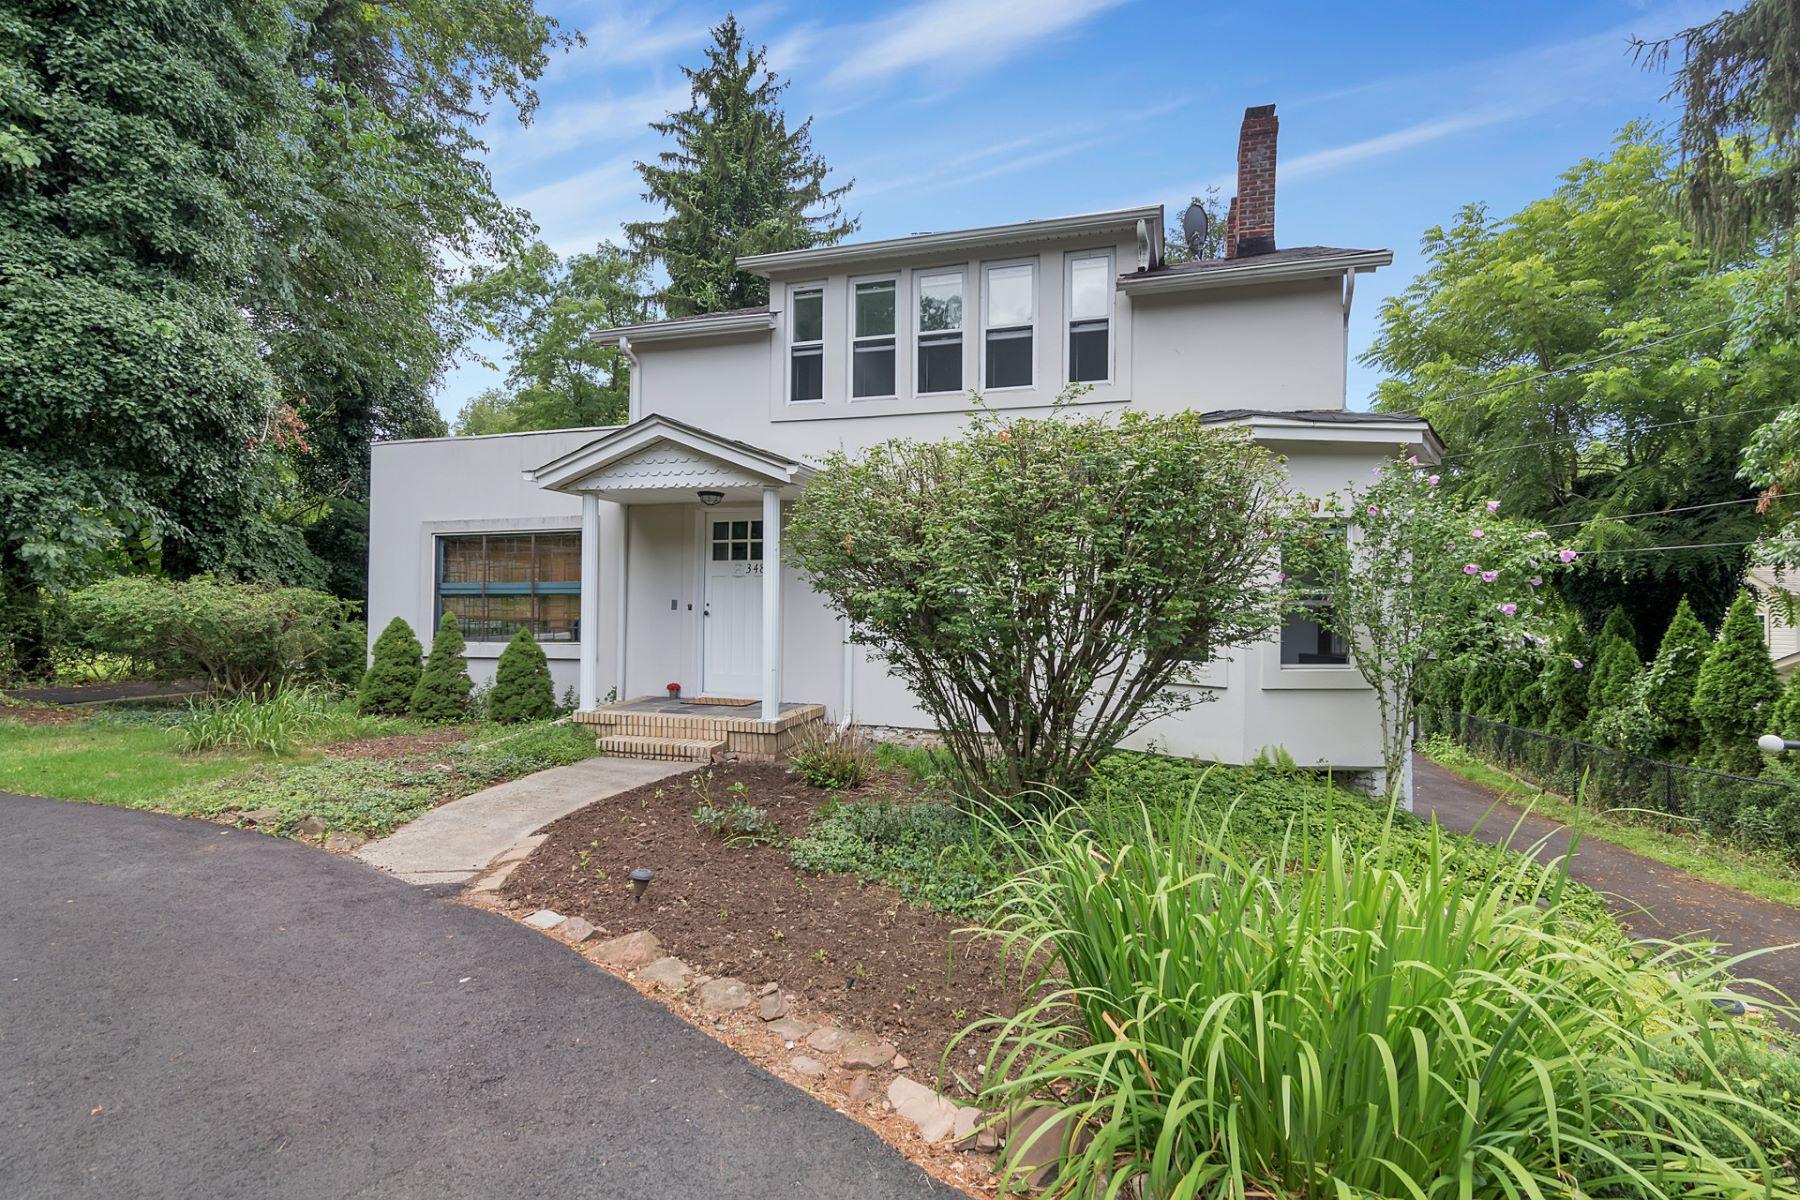 多户住宅 为 出租 在 Two Family House 348 Schraalenburgh Rd 克洛斯特, 新泽西州, 07 美国